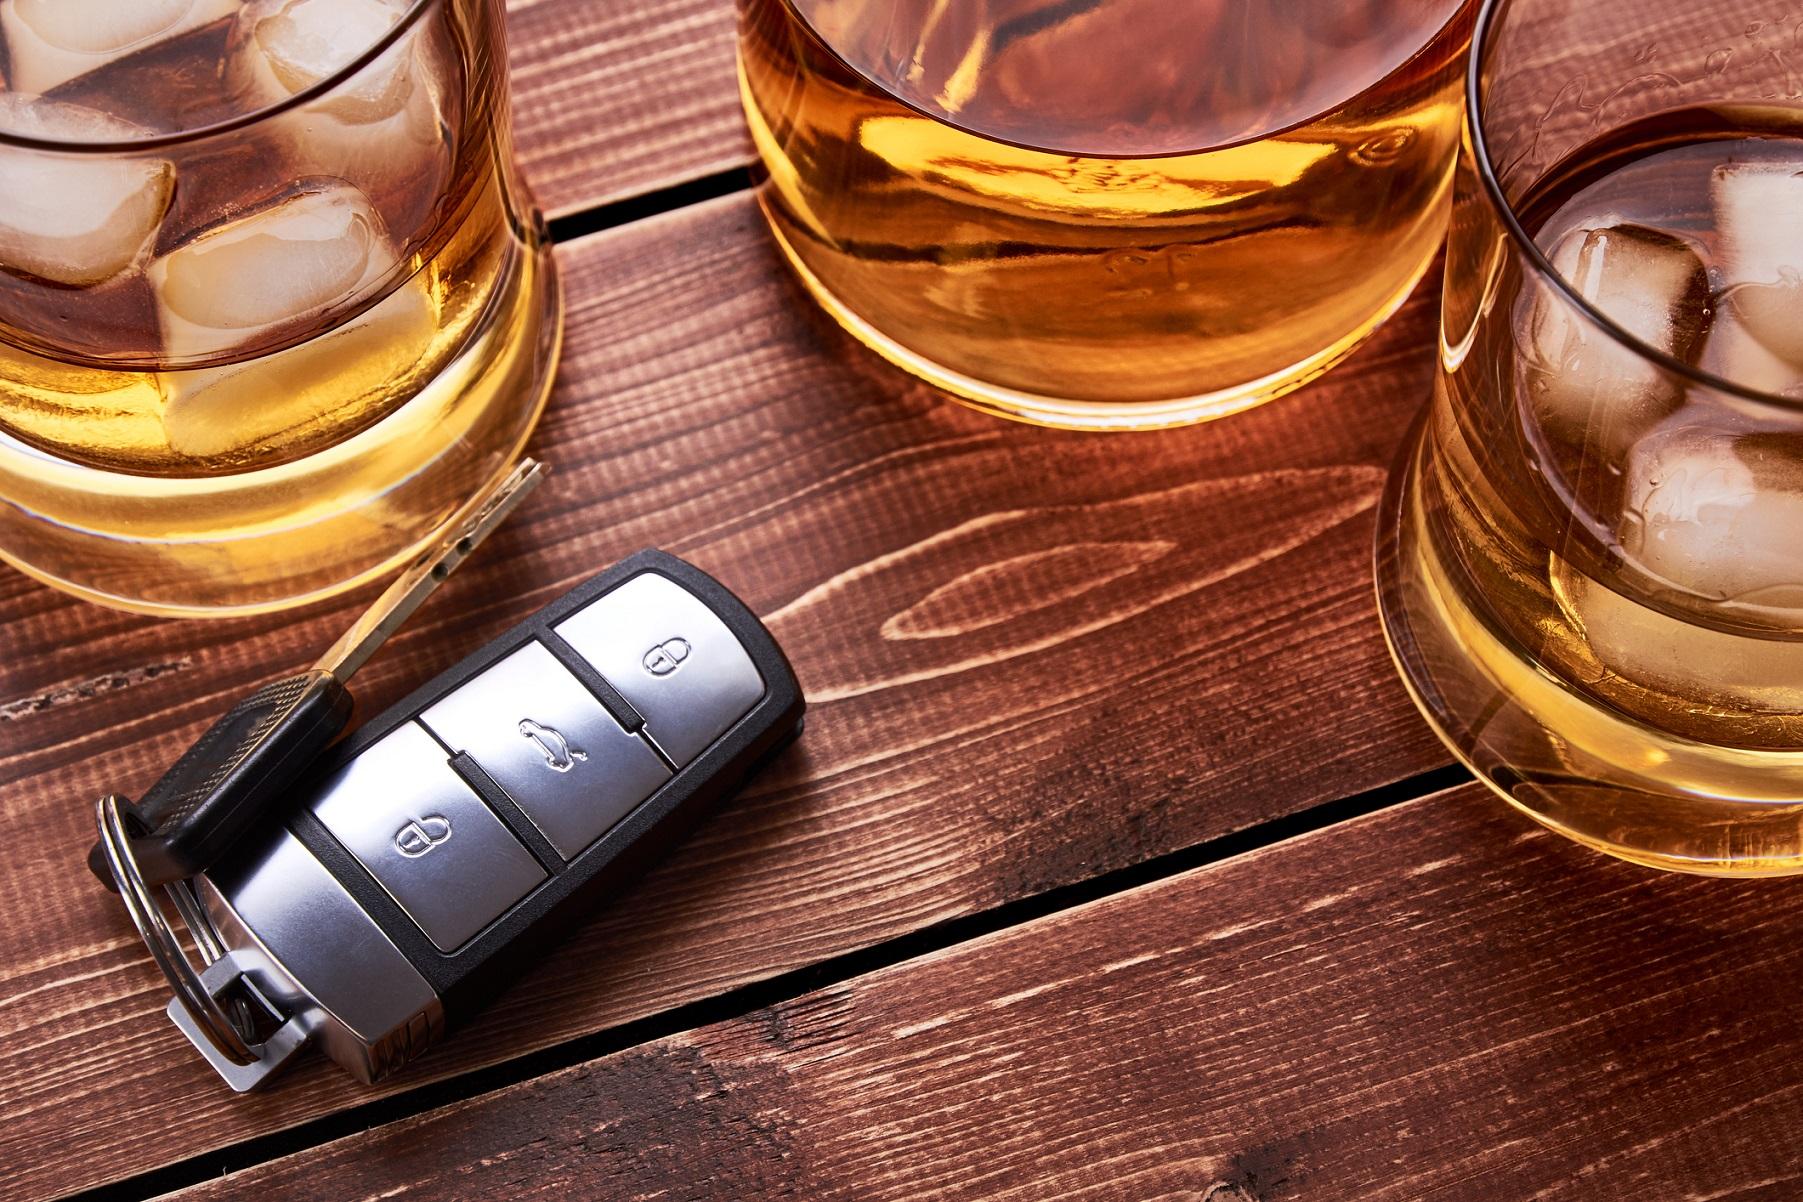 Έρχεται το Alcohol interlock και αν ήπιες λίγο παραπάνω δεν θα παίρνει μπρος το αυτοκίνητο!